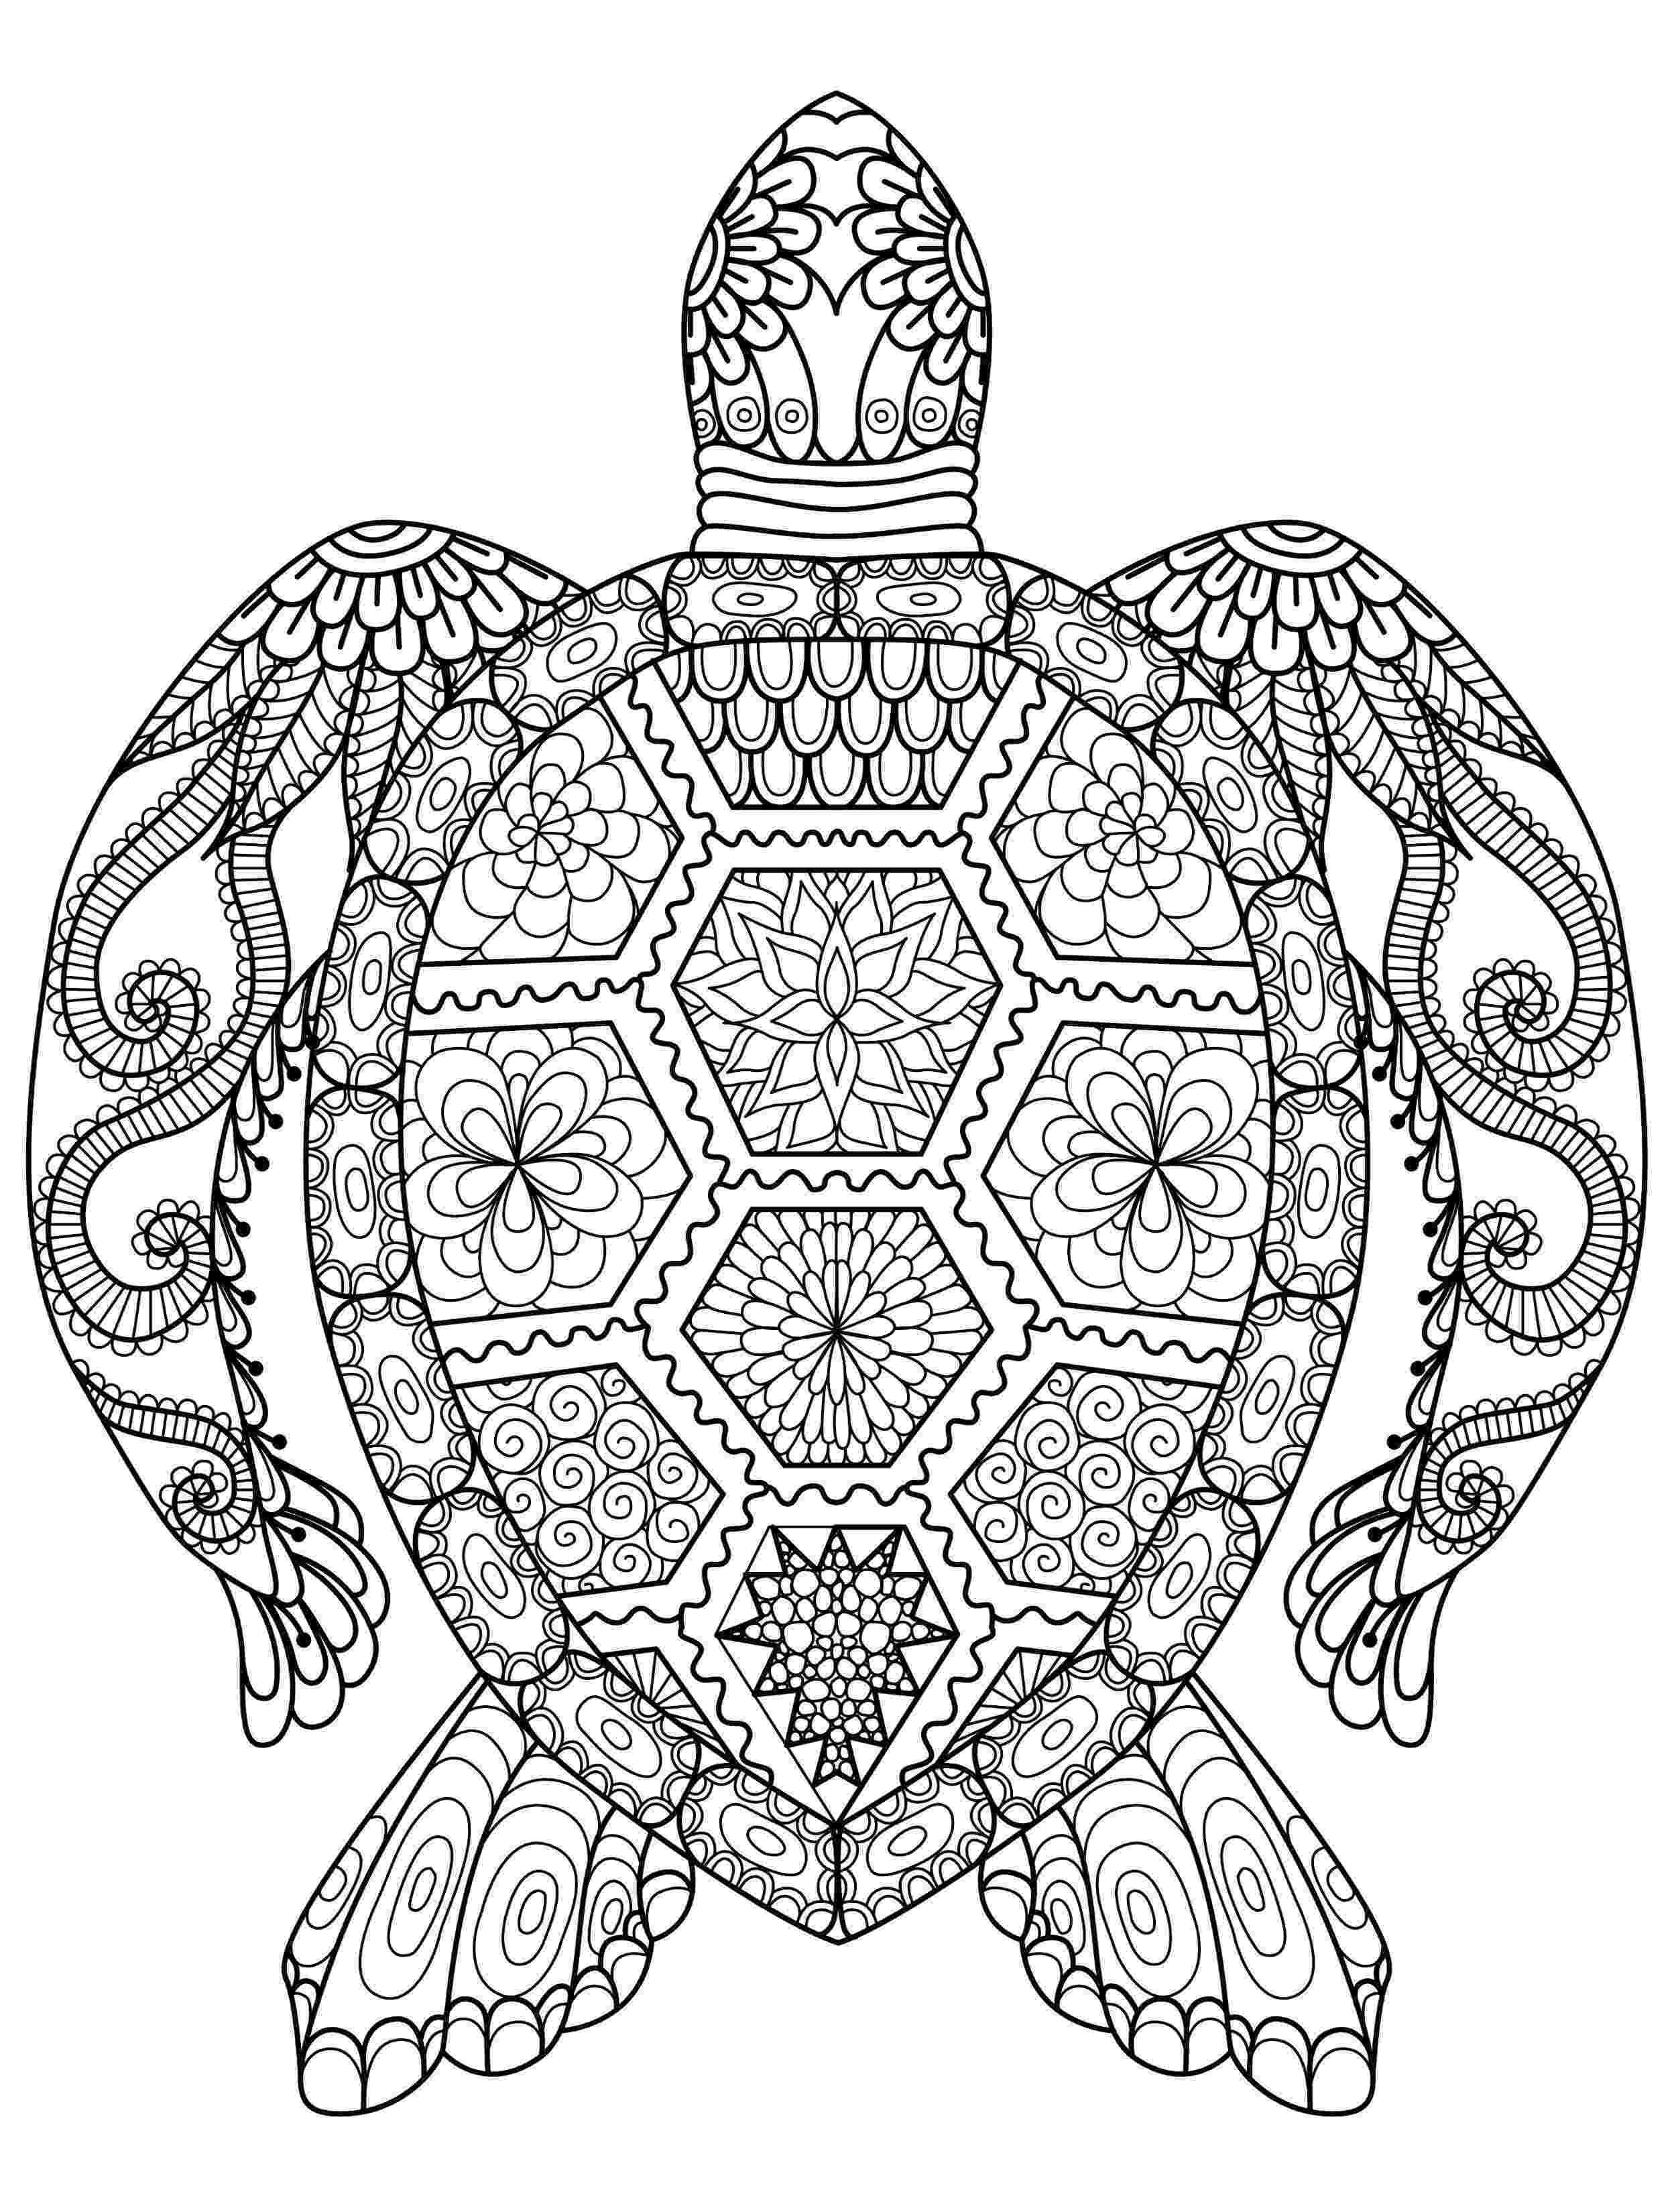 coloring pages mandala animals mandala drawing animals at getdrawings free download coloring mandala pages animals